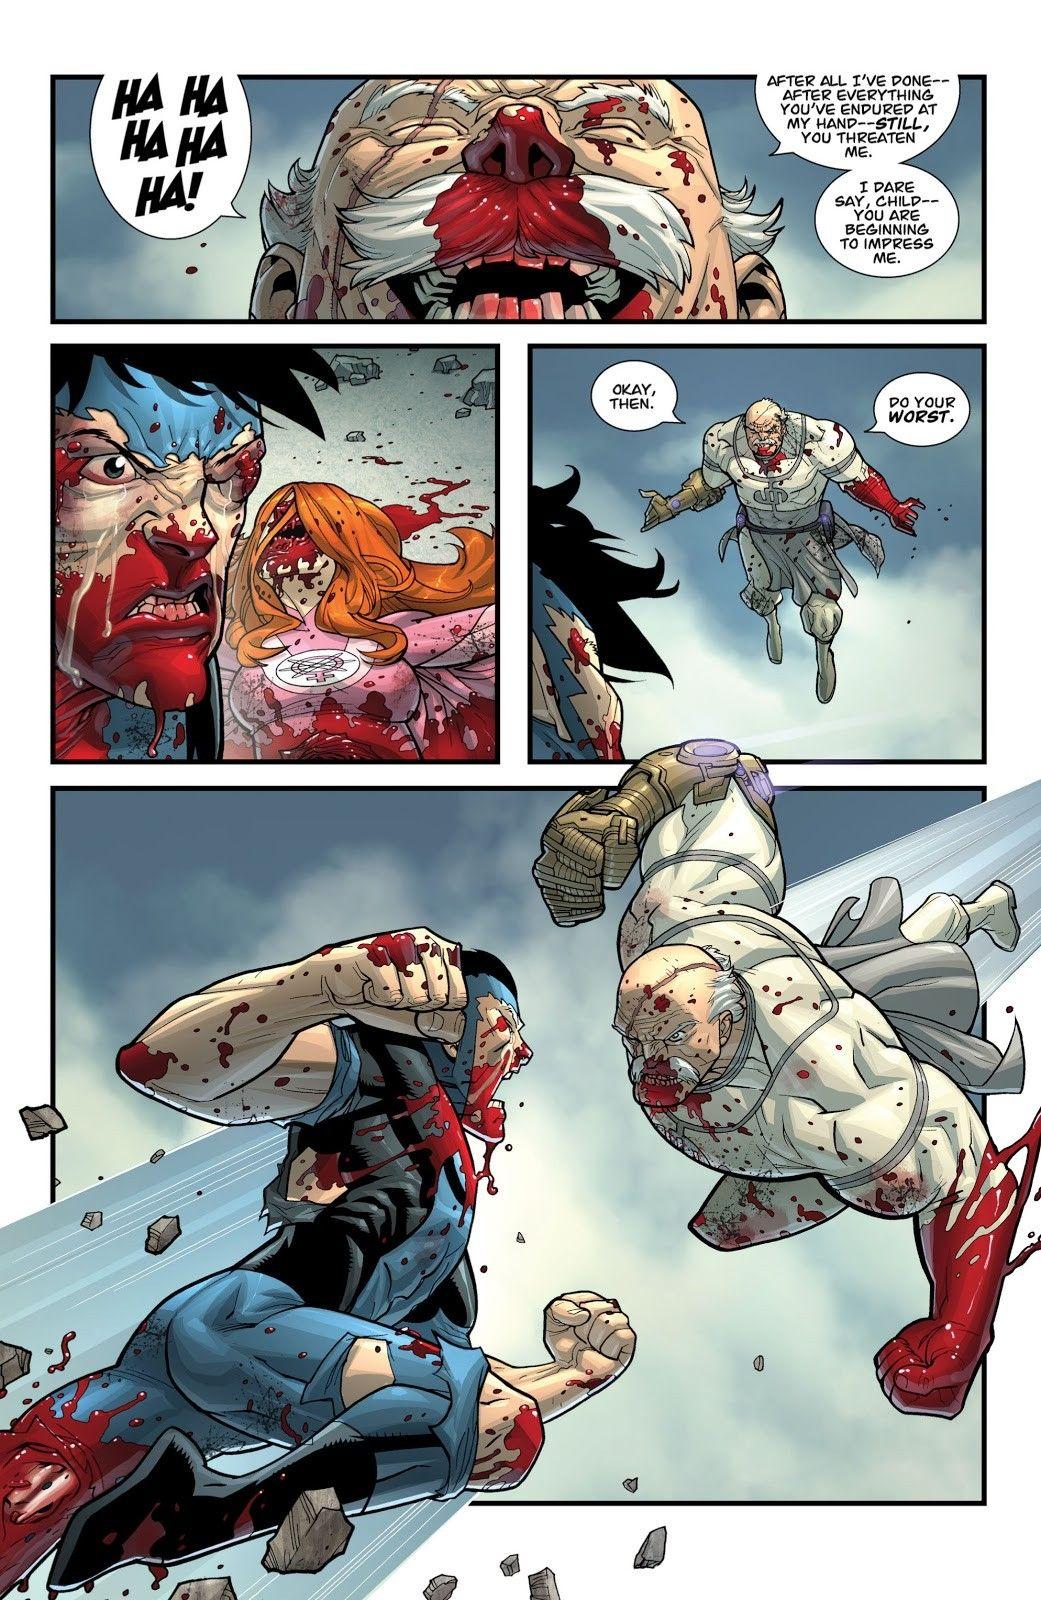 Invincible Comics Issue#64 Invincible vs Conquest | Invincible ...